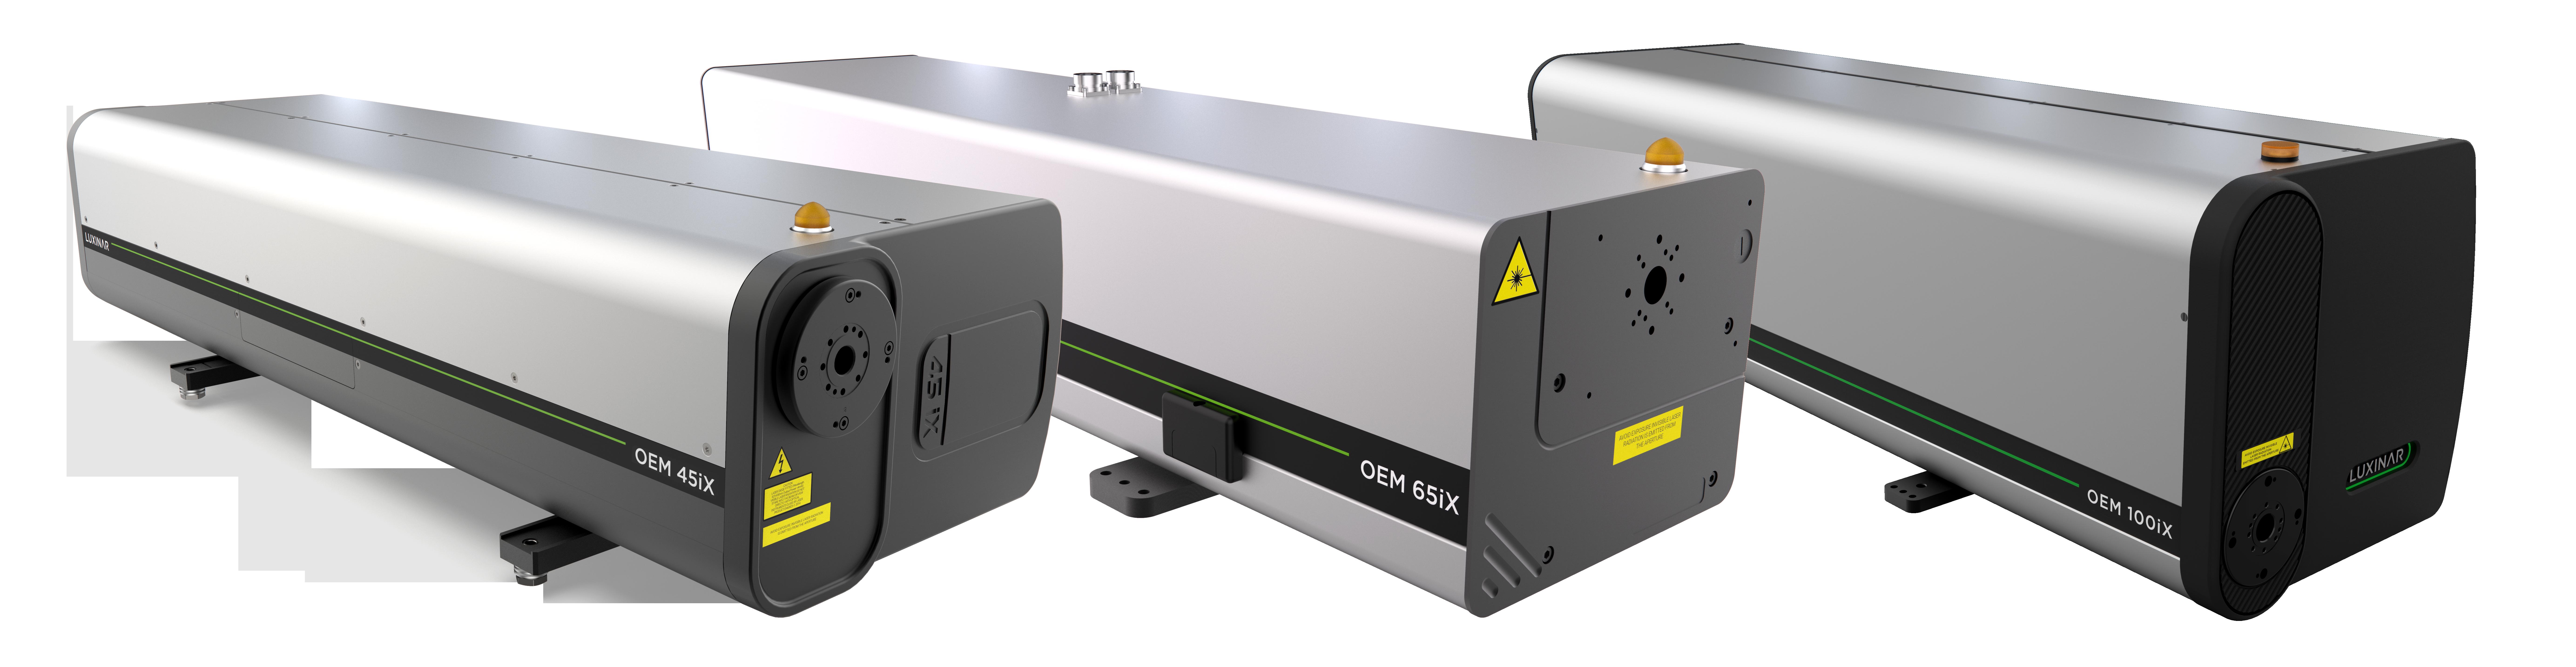 OEM 시리즈 CO2 레이저 소스